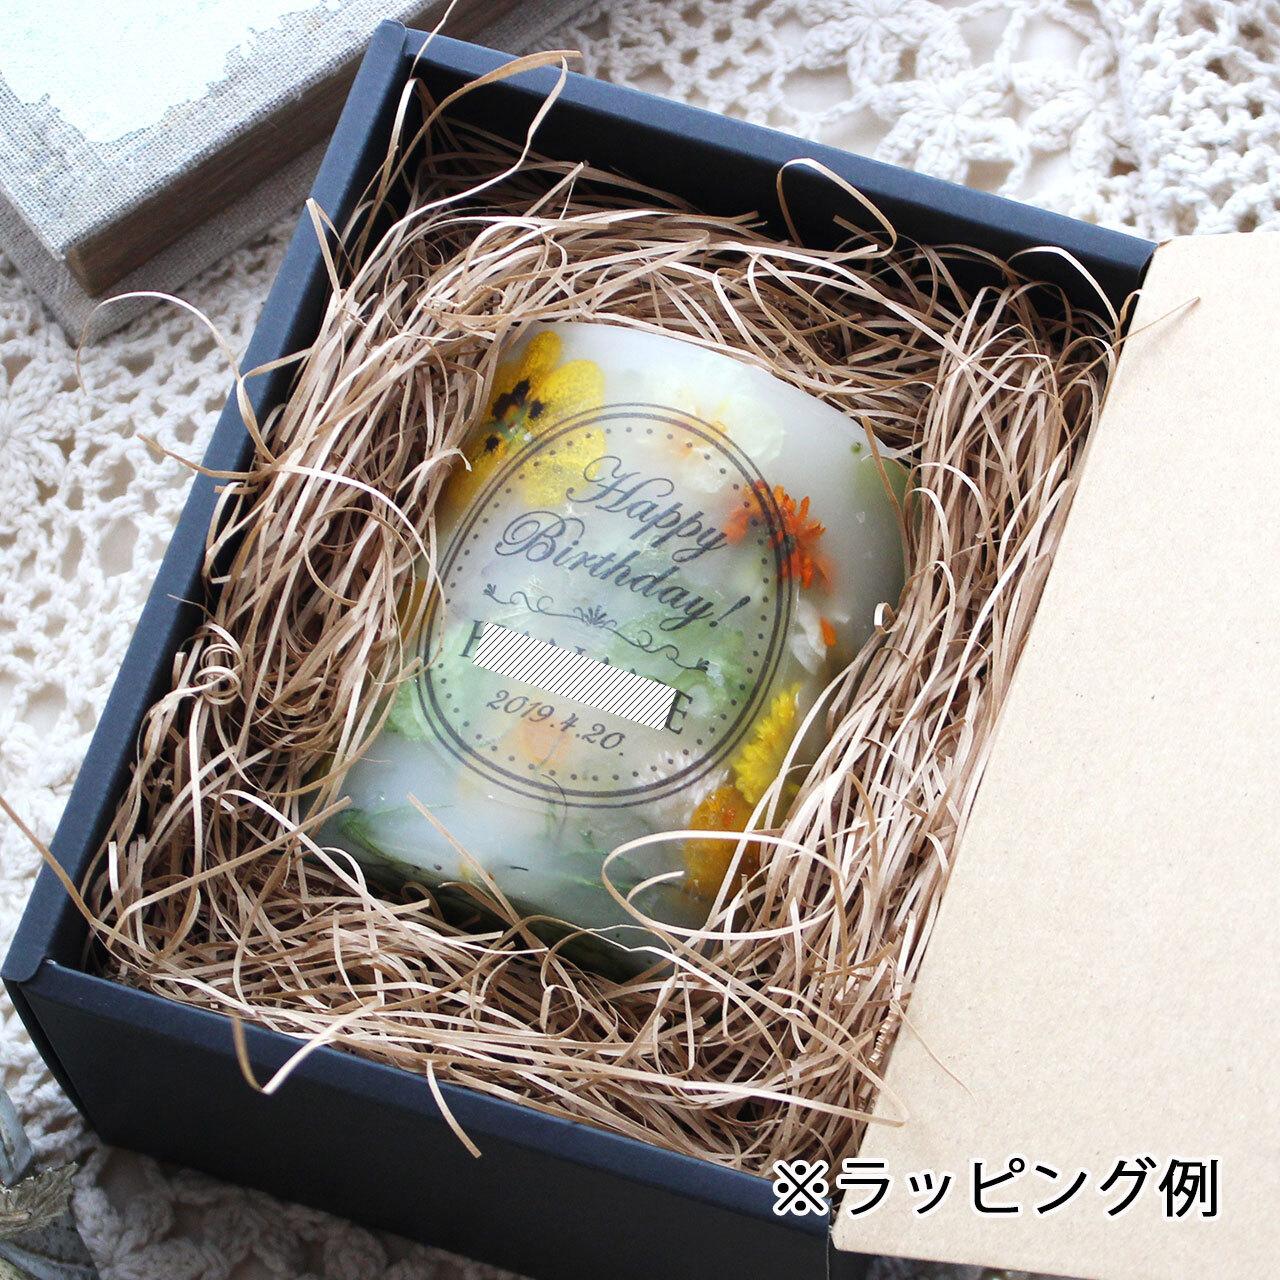 NC240 ギフトラッピング付き☆メッセージ&日付&名入れボタニカルキャンドル プリザーブドローズ